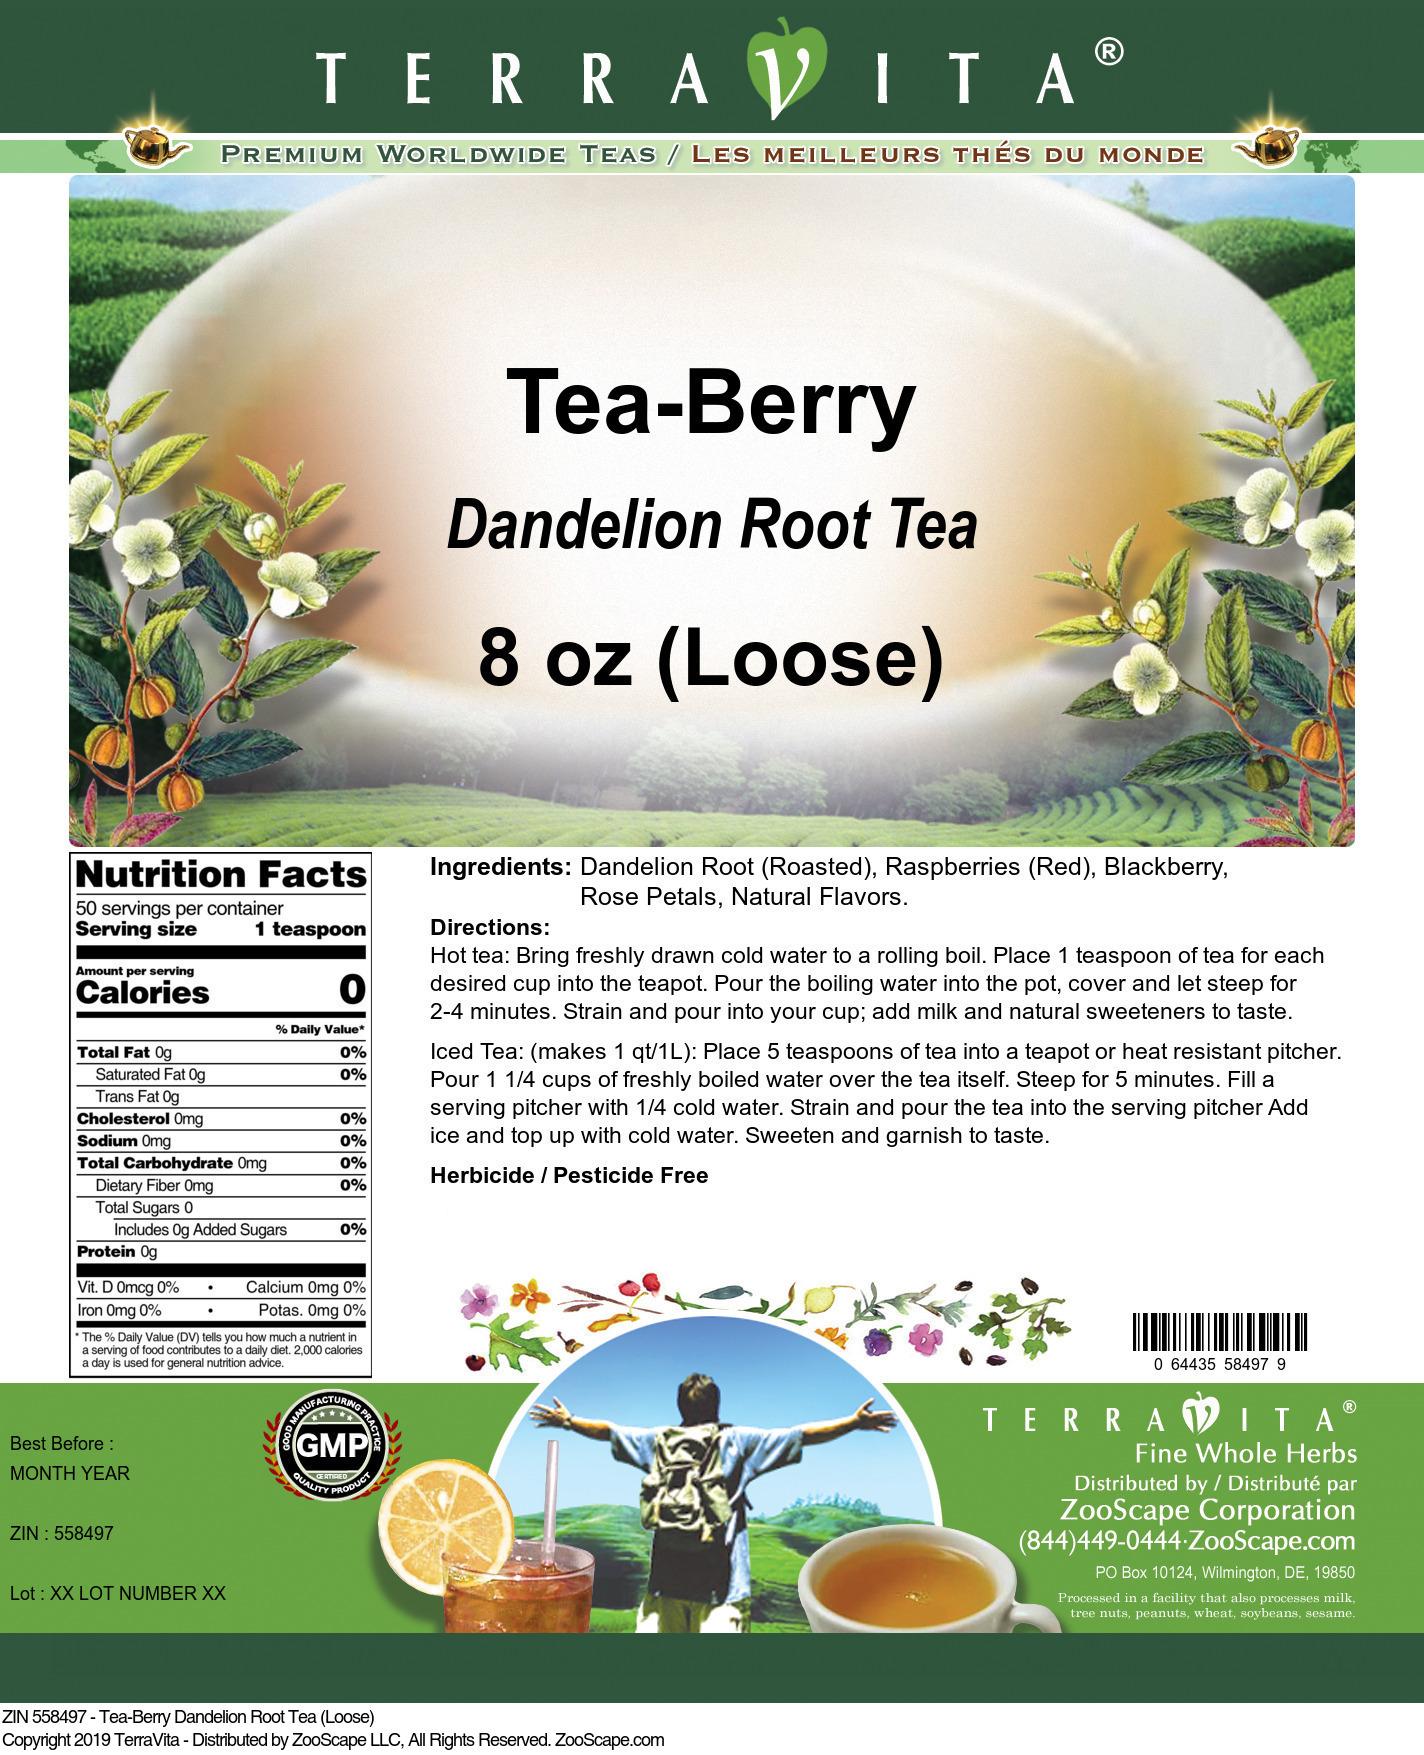 Tea-Berry Dandelion Root Tea (Loose)